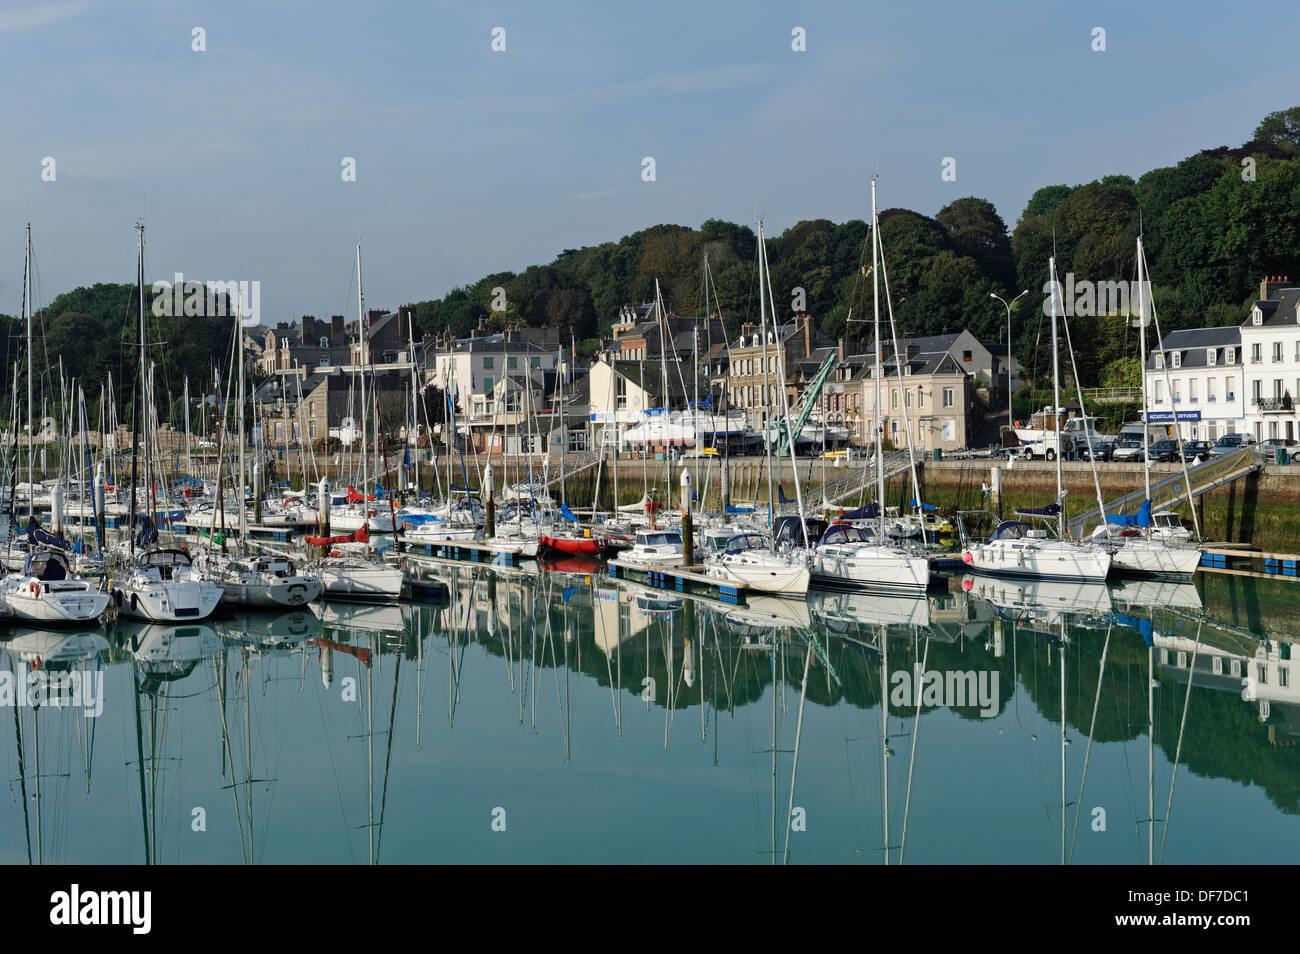 Port of Saint-Valery-en-Caux, Saint-Valery-en-Caux, Département Seine-Maritime, Upper Normandy, France - Stock Image